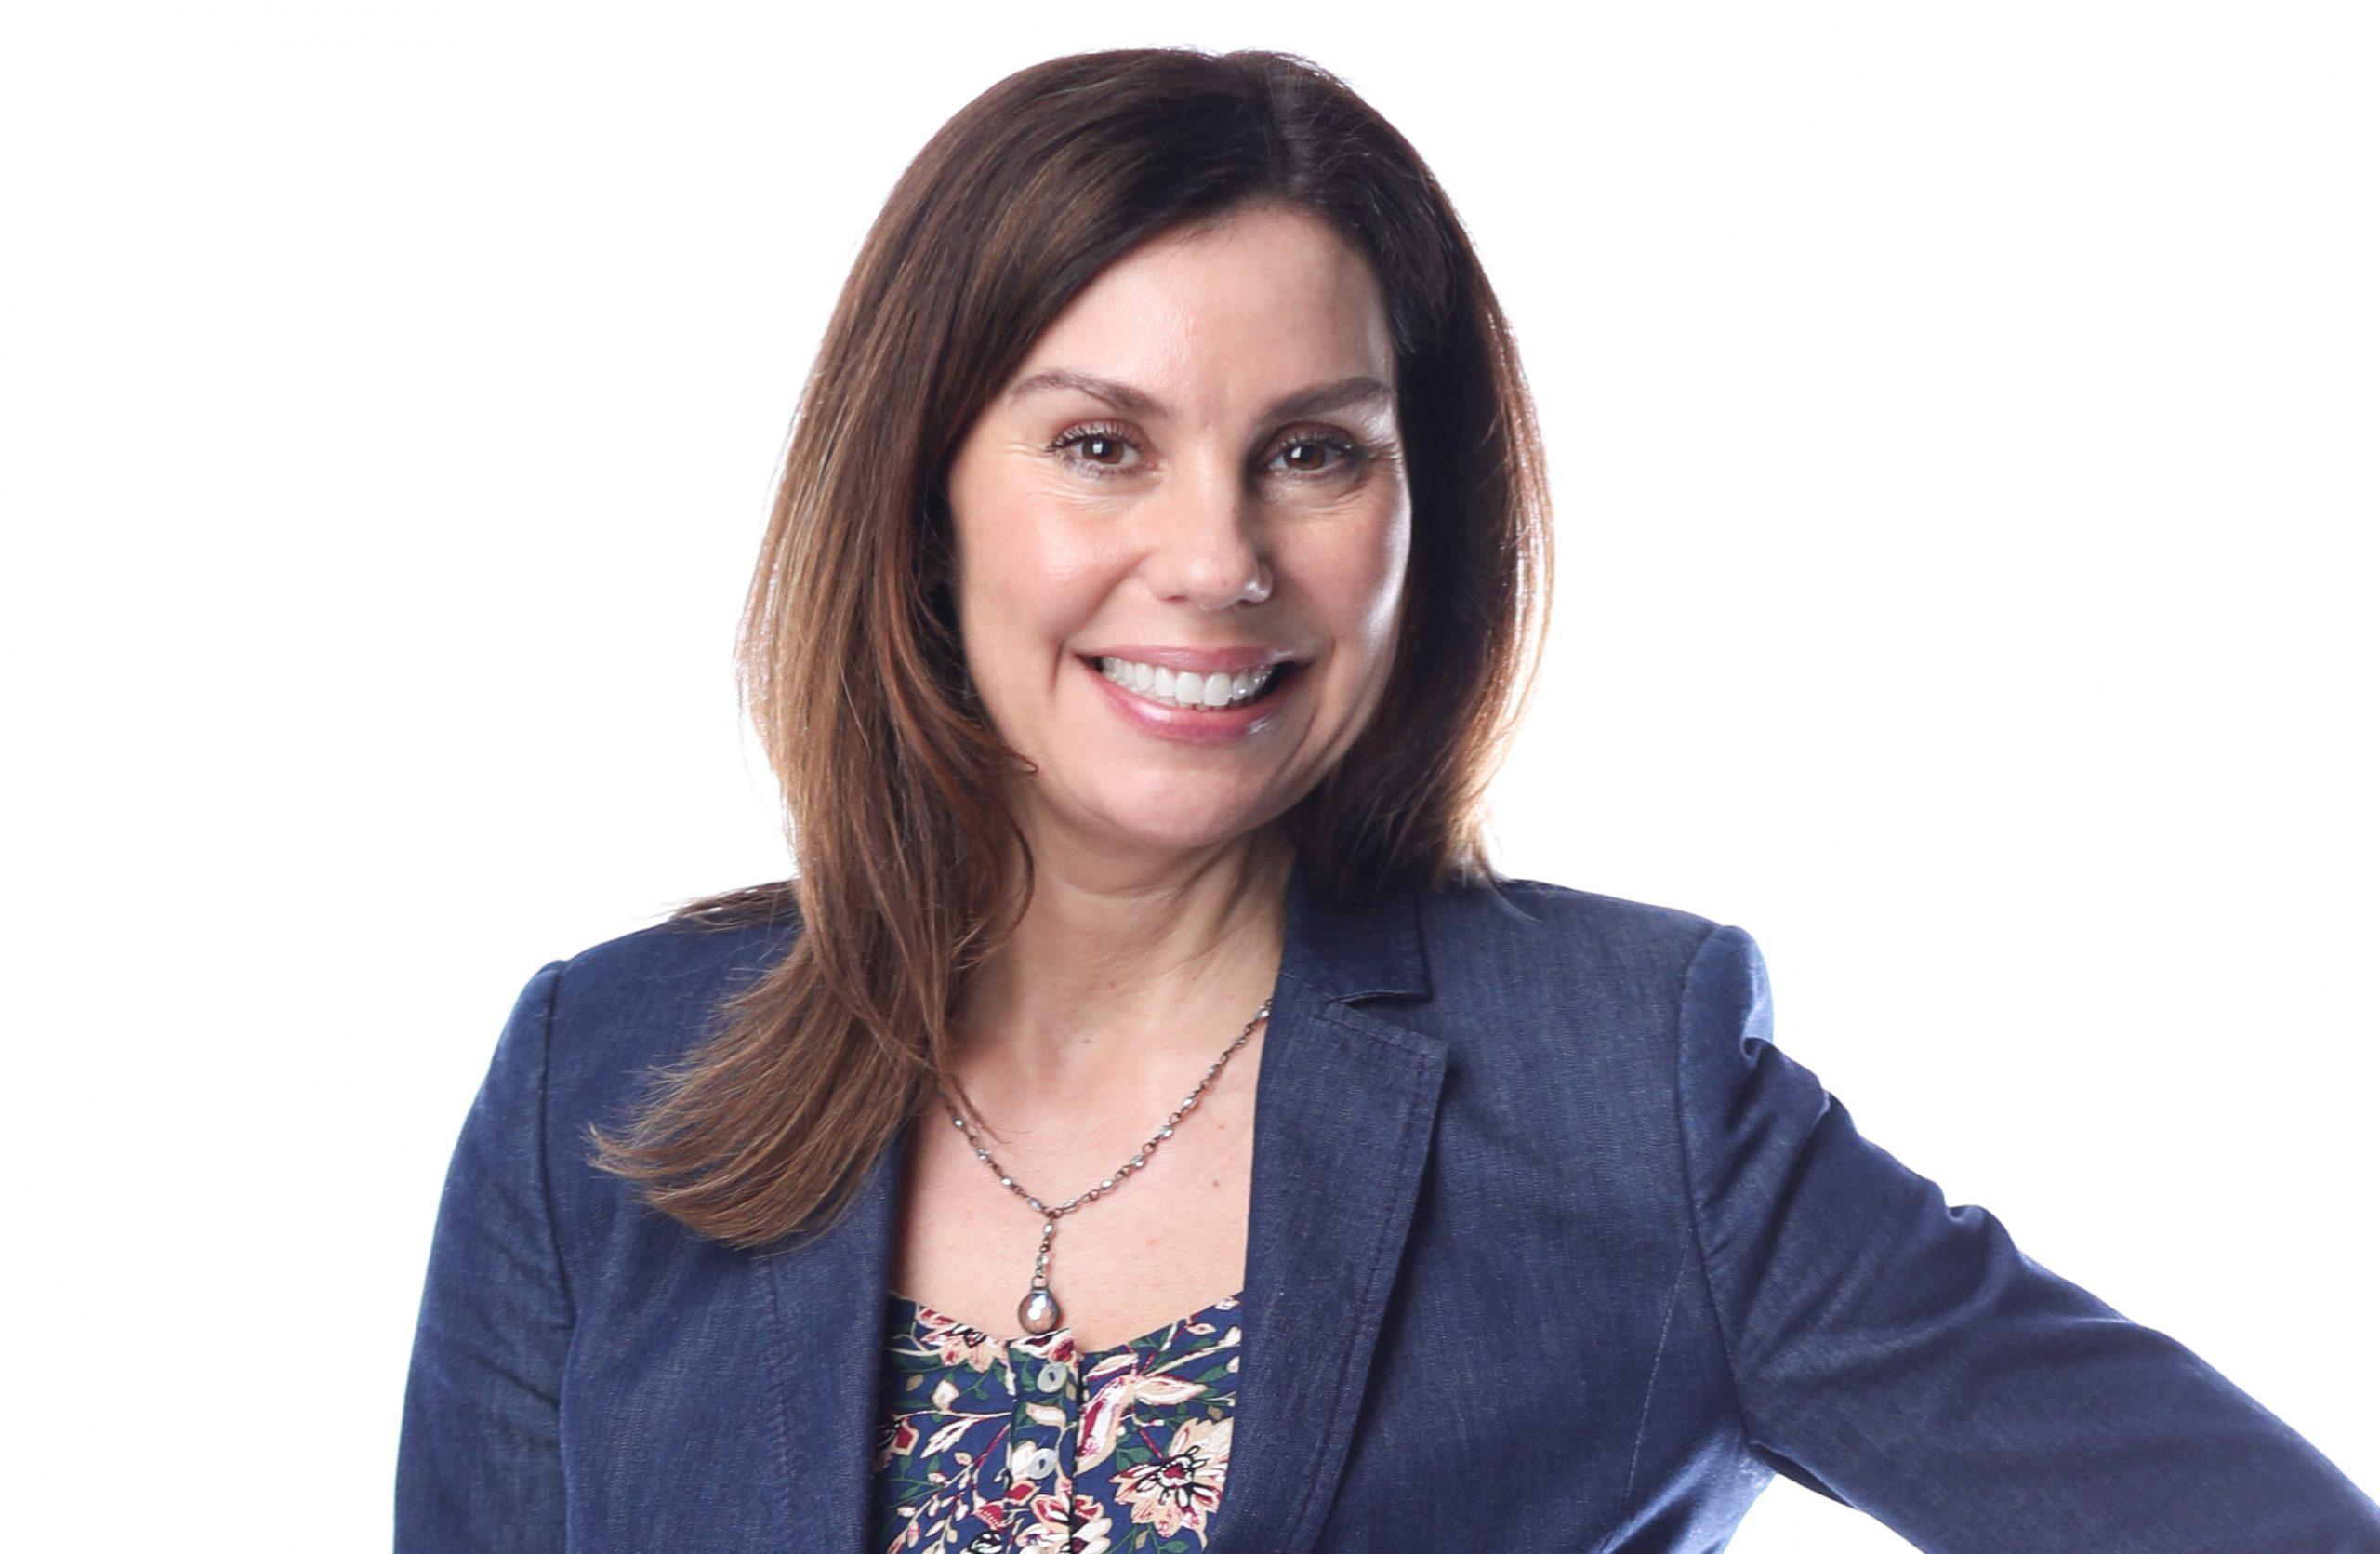 Skender's Lisa Latronico Named One of Crain's 2020 Notable Leaders in HR